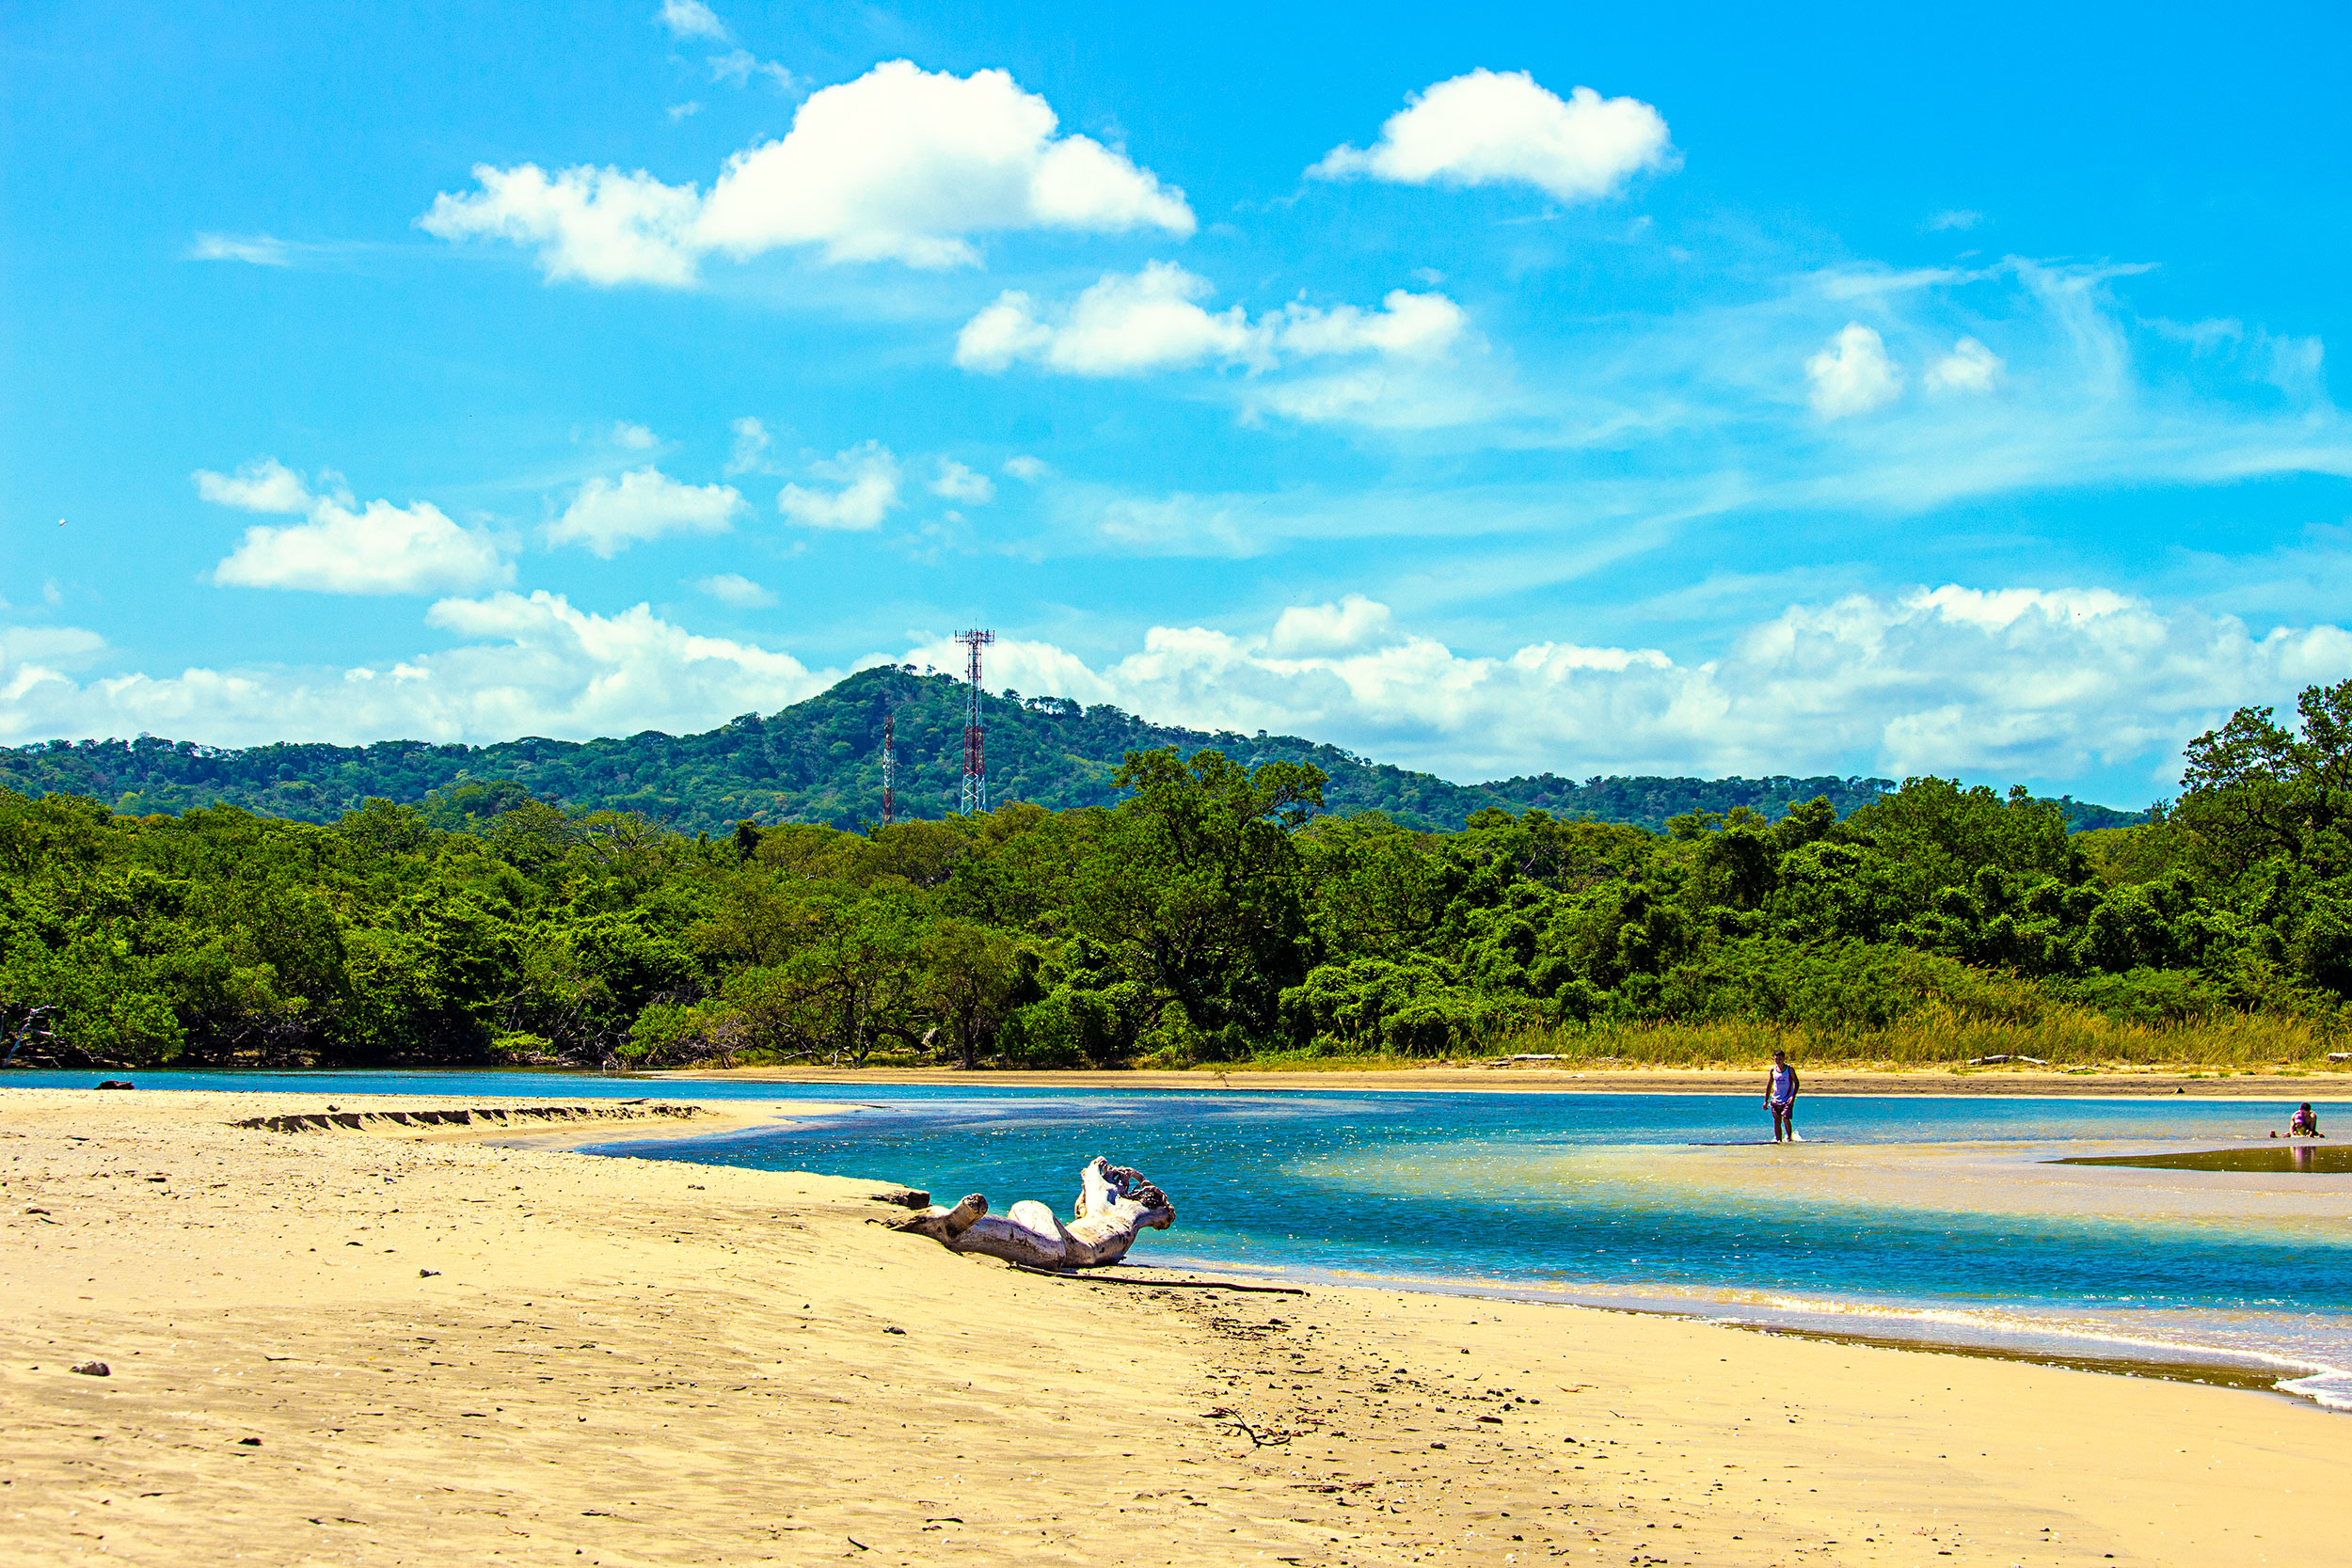 Playa-Avellana-Beach3.jpg